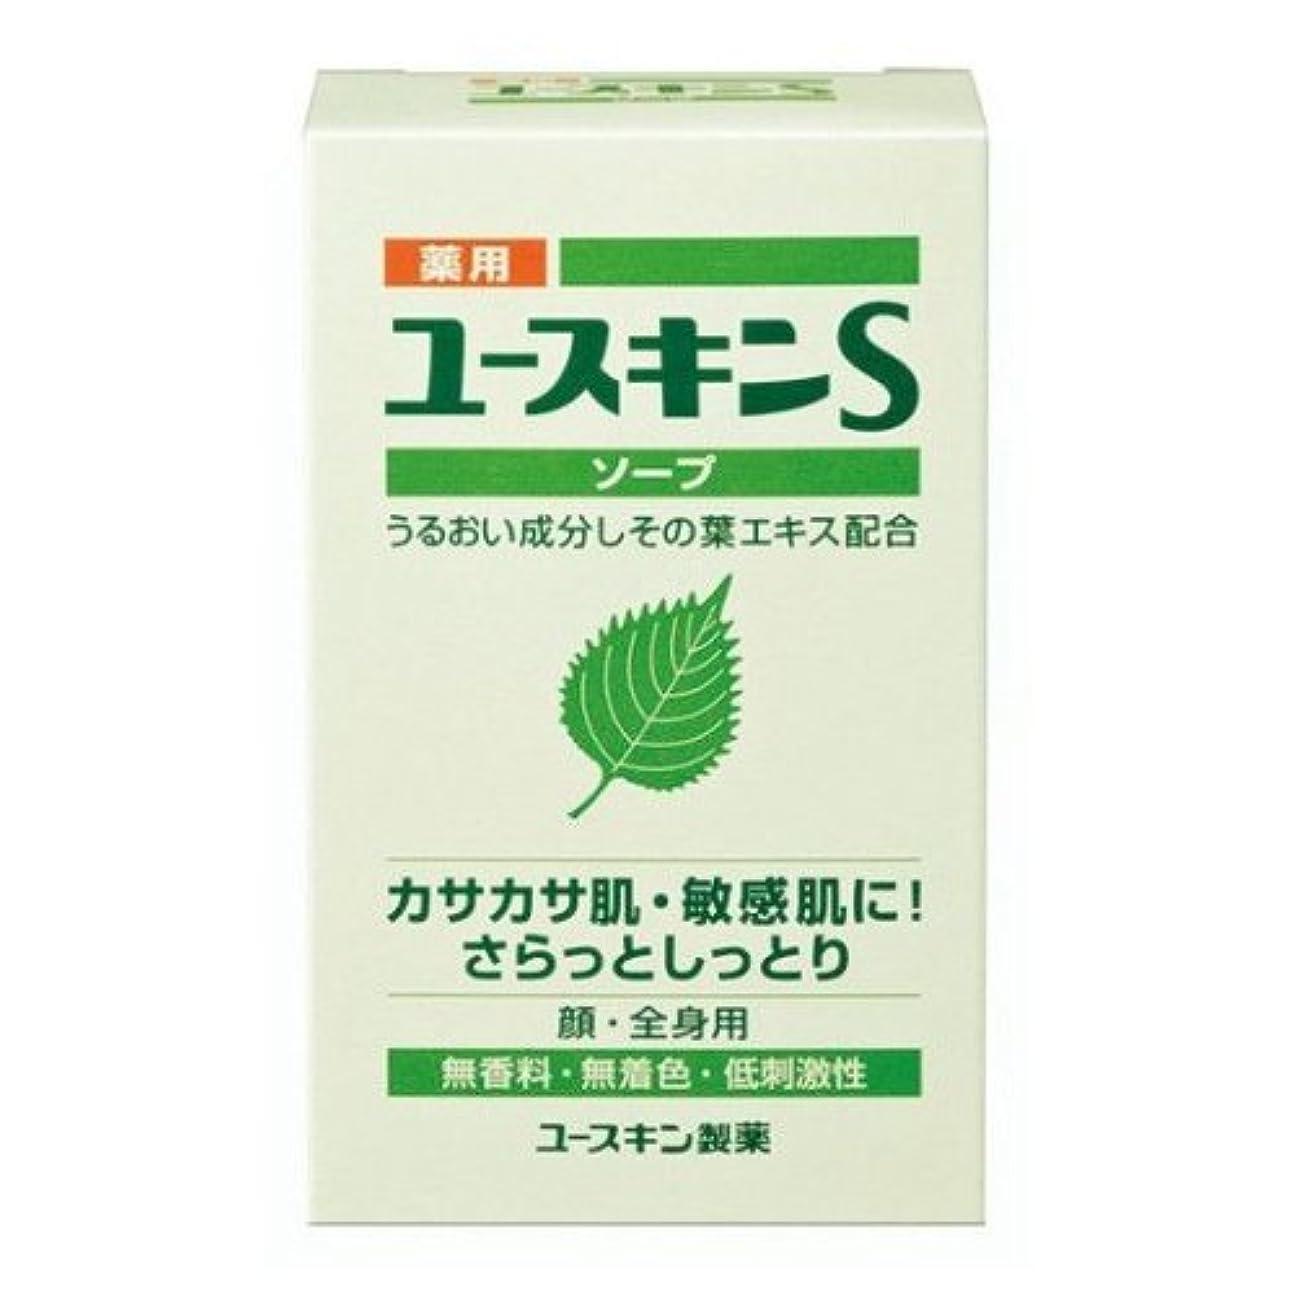 役員明るい例薬用ユースキンS ソープ 90g (敏感肌用 透明石鹸) 【医薬部外品】